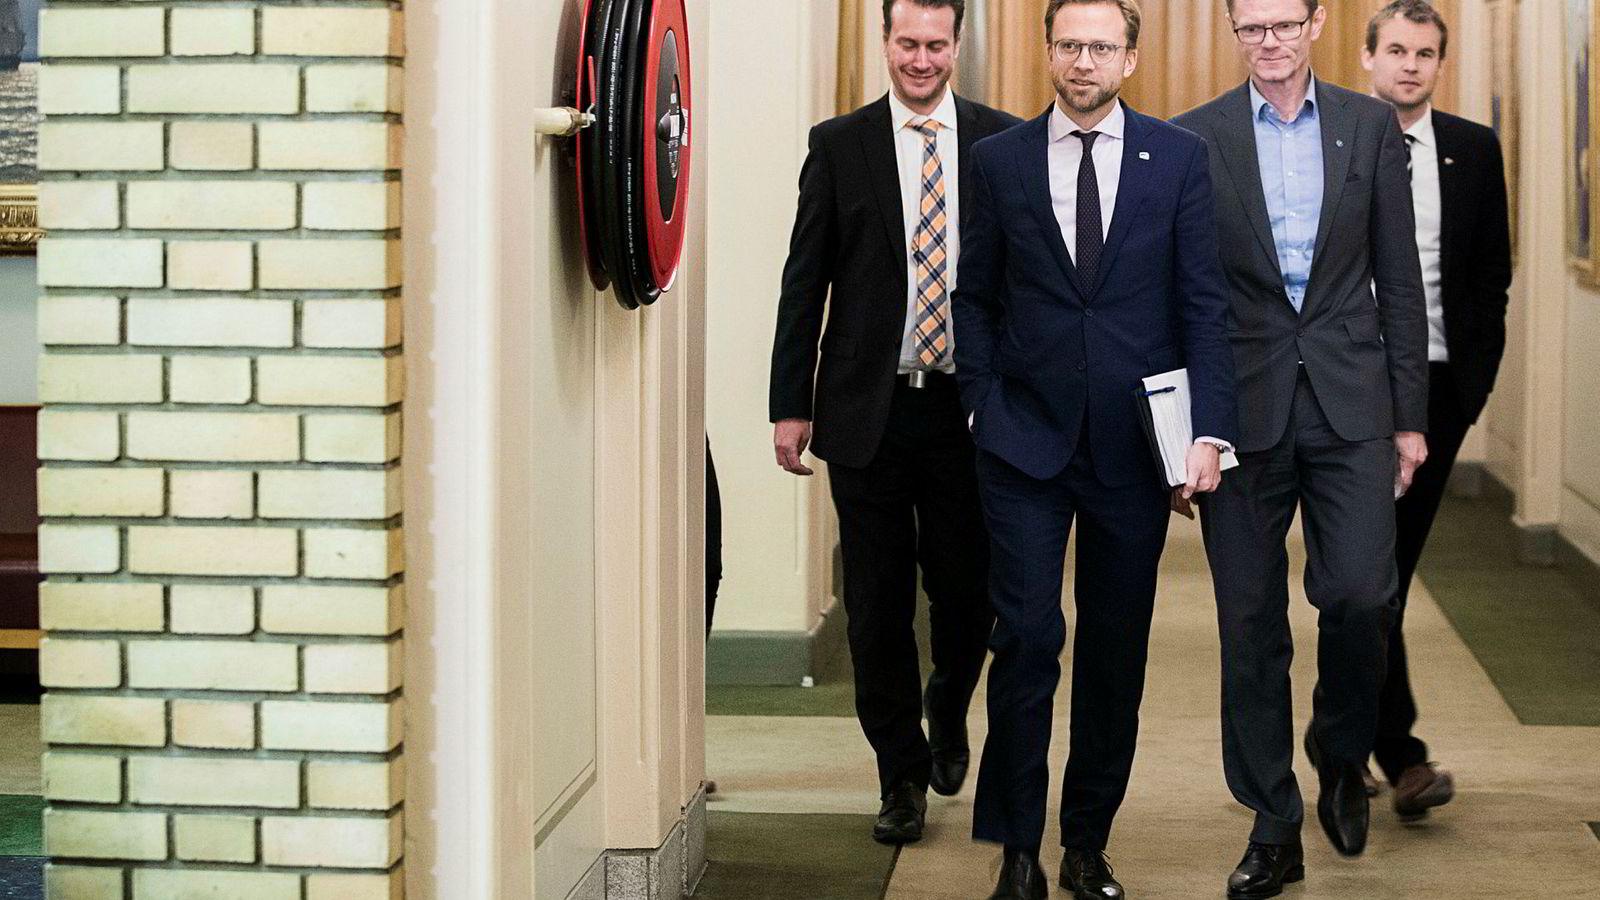 Budsjettkameratene (fra venstre) Helge André Njåstad (Frp), Nikolai Astrup (H), Terje Breivik (V) og Kjell Ingolf Ropstad (KrF) fikk avtalen om neste års budsjett til å henge sammen ved hjelp av sukker.